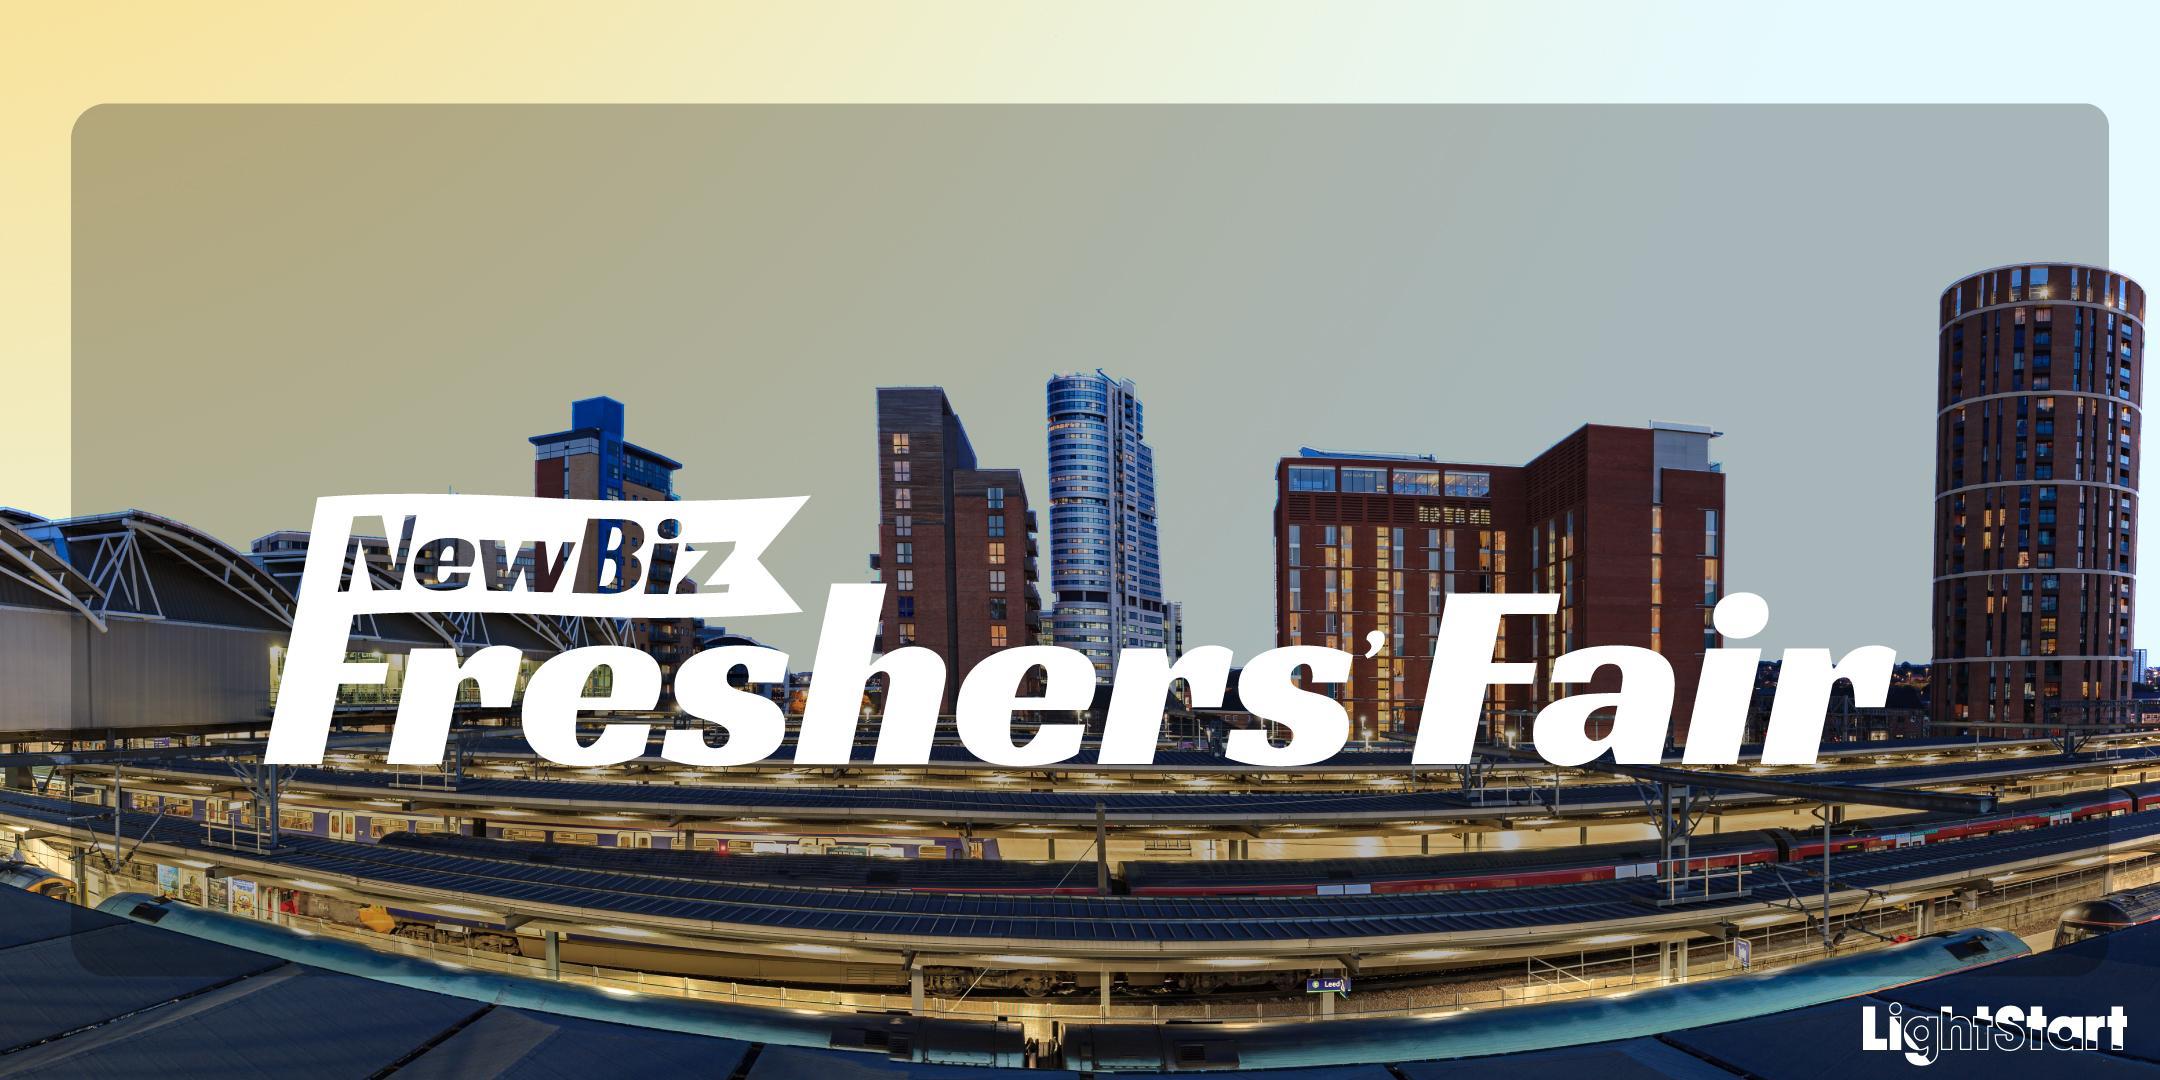 NewBiz Freshers' Fair - Friday 23rd March 2018